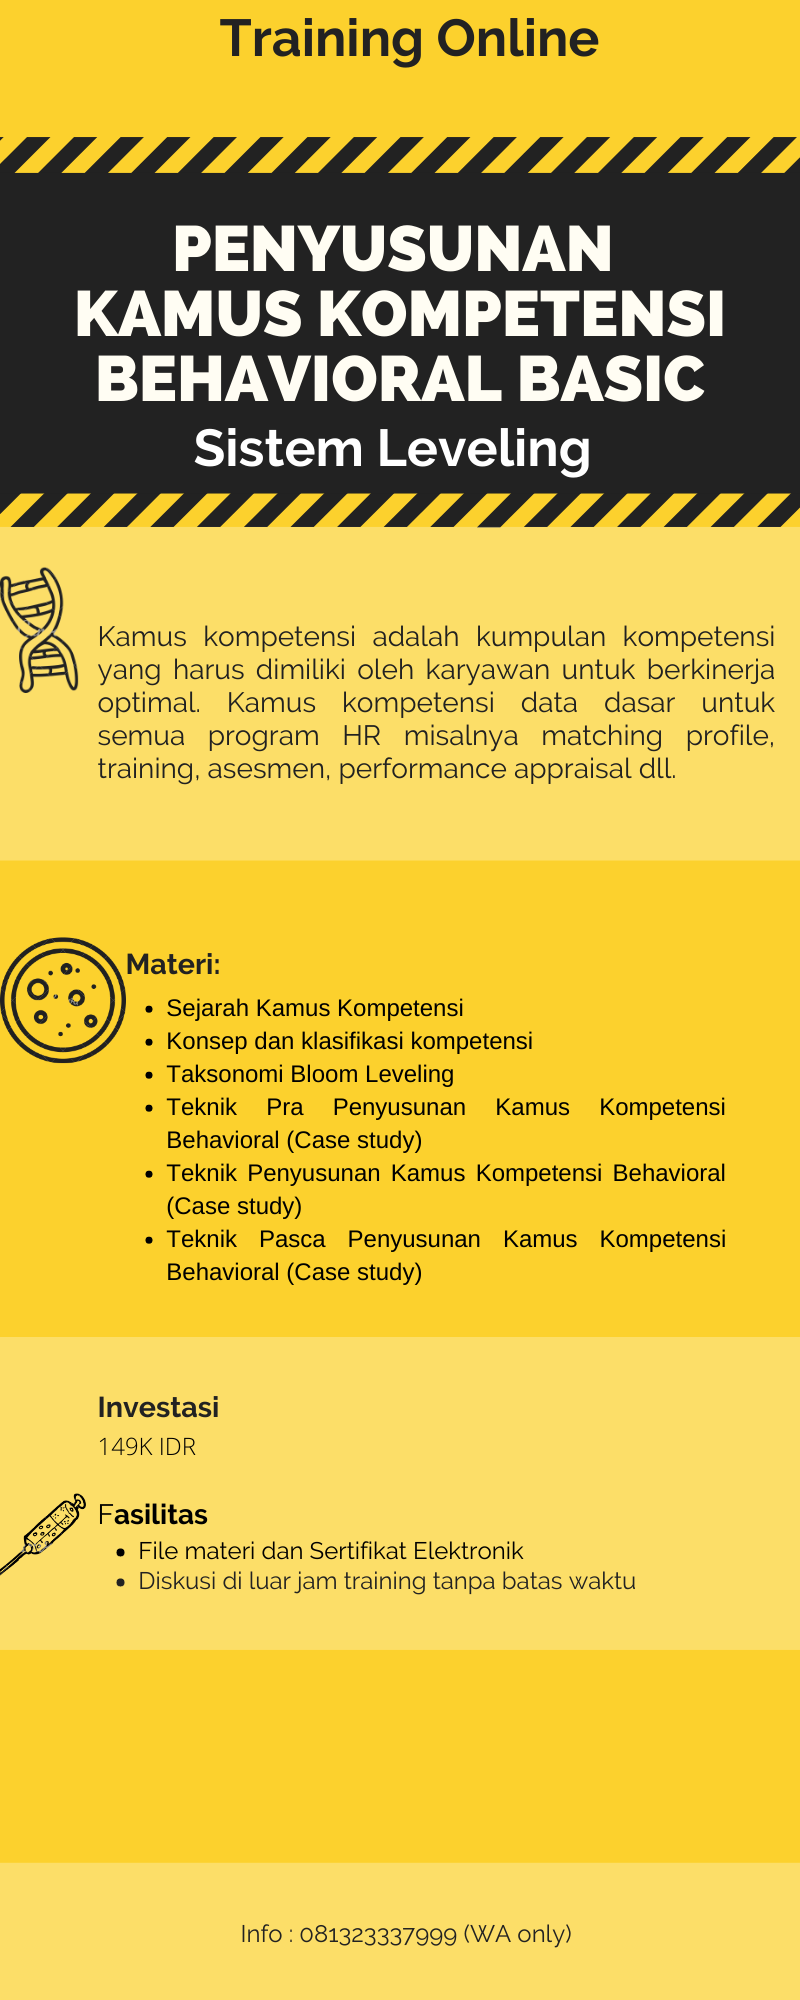 Training Online: Penyusunan Kamus Kompetensi Behavioral level Basic